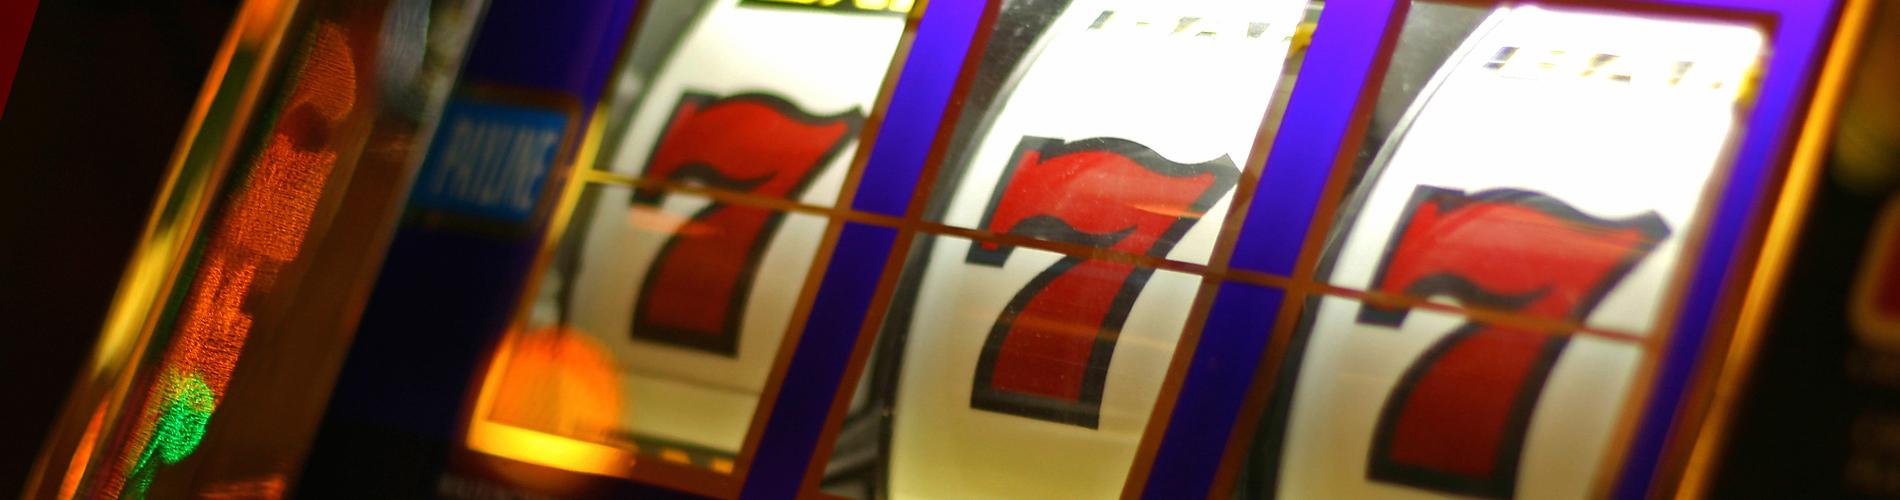 how to win online casino spielo online